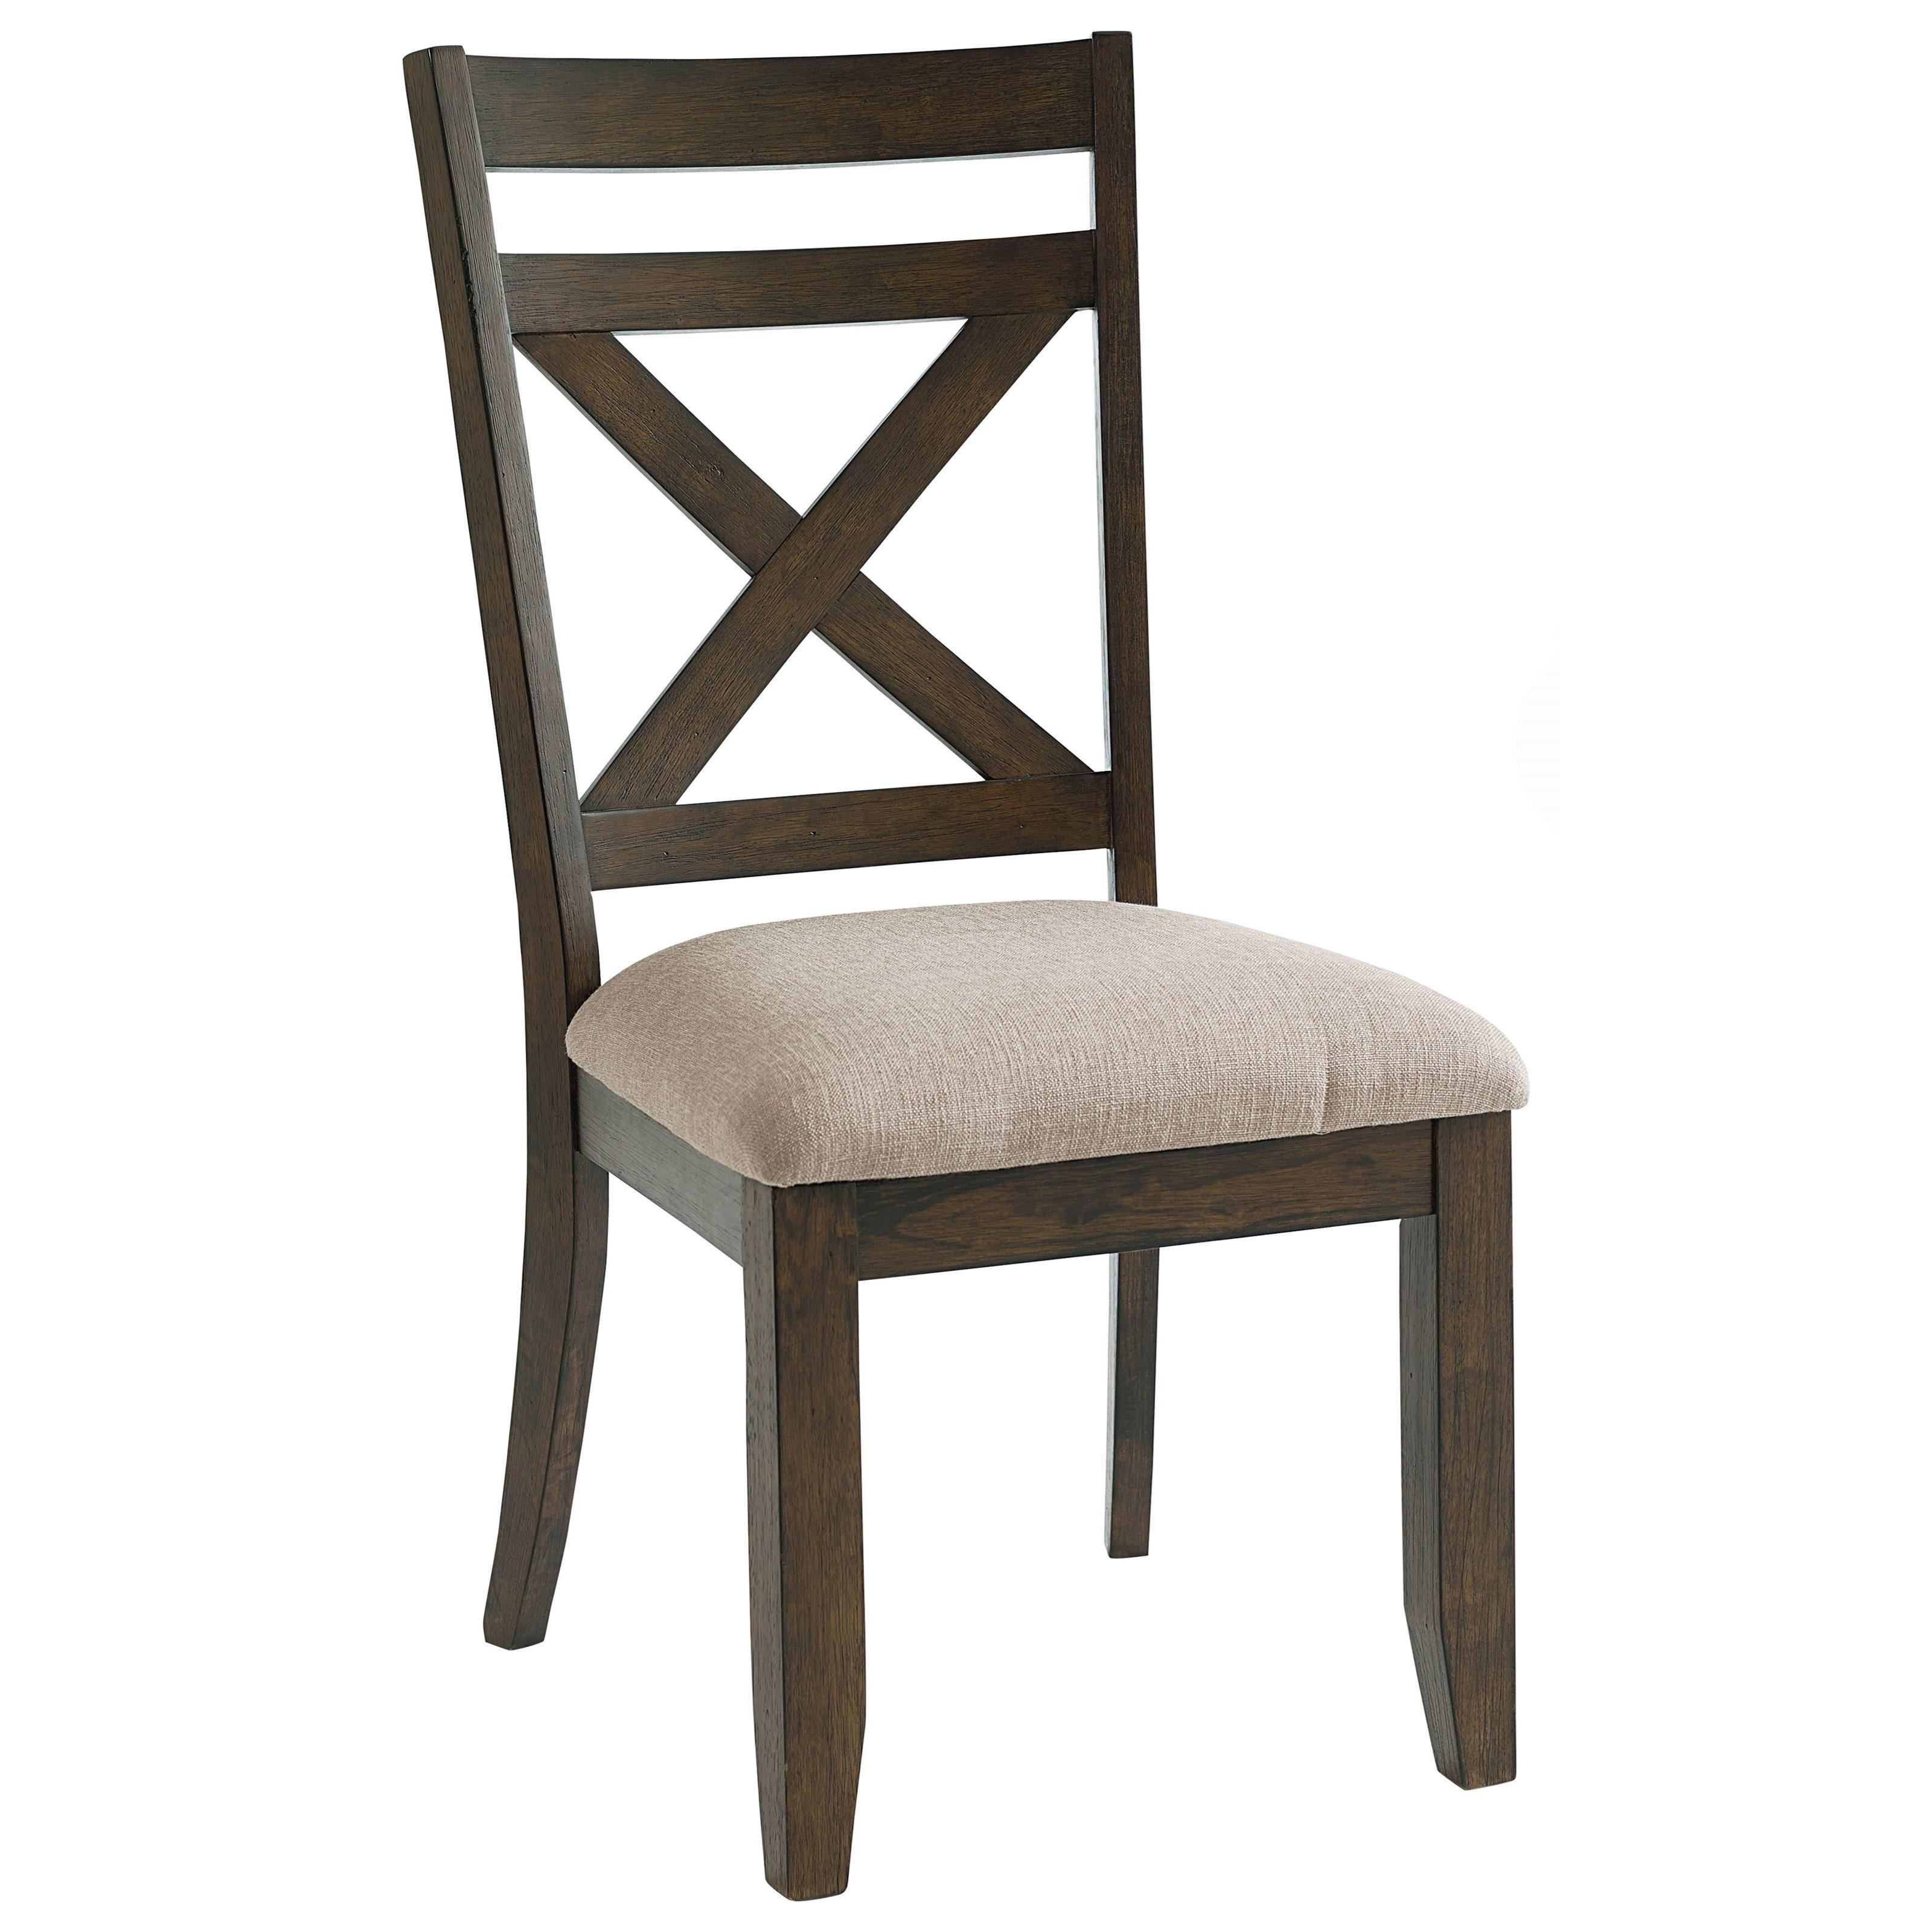 Standard Furniture Carter Side Chair - Item Number: 10884